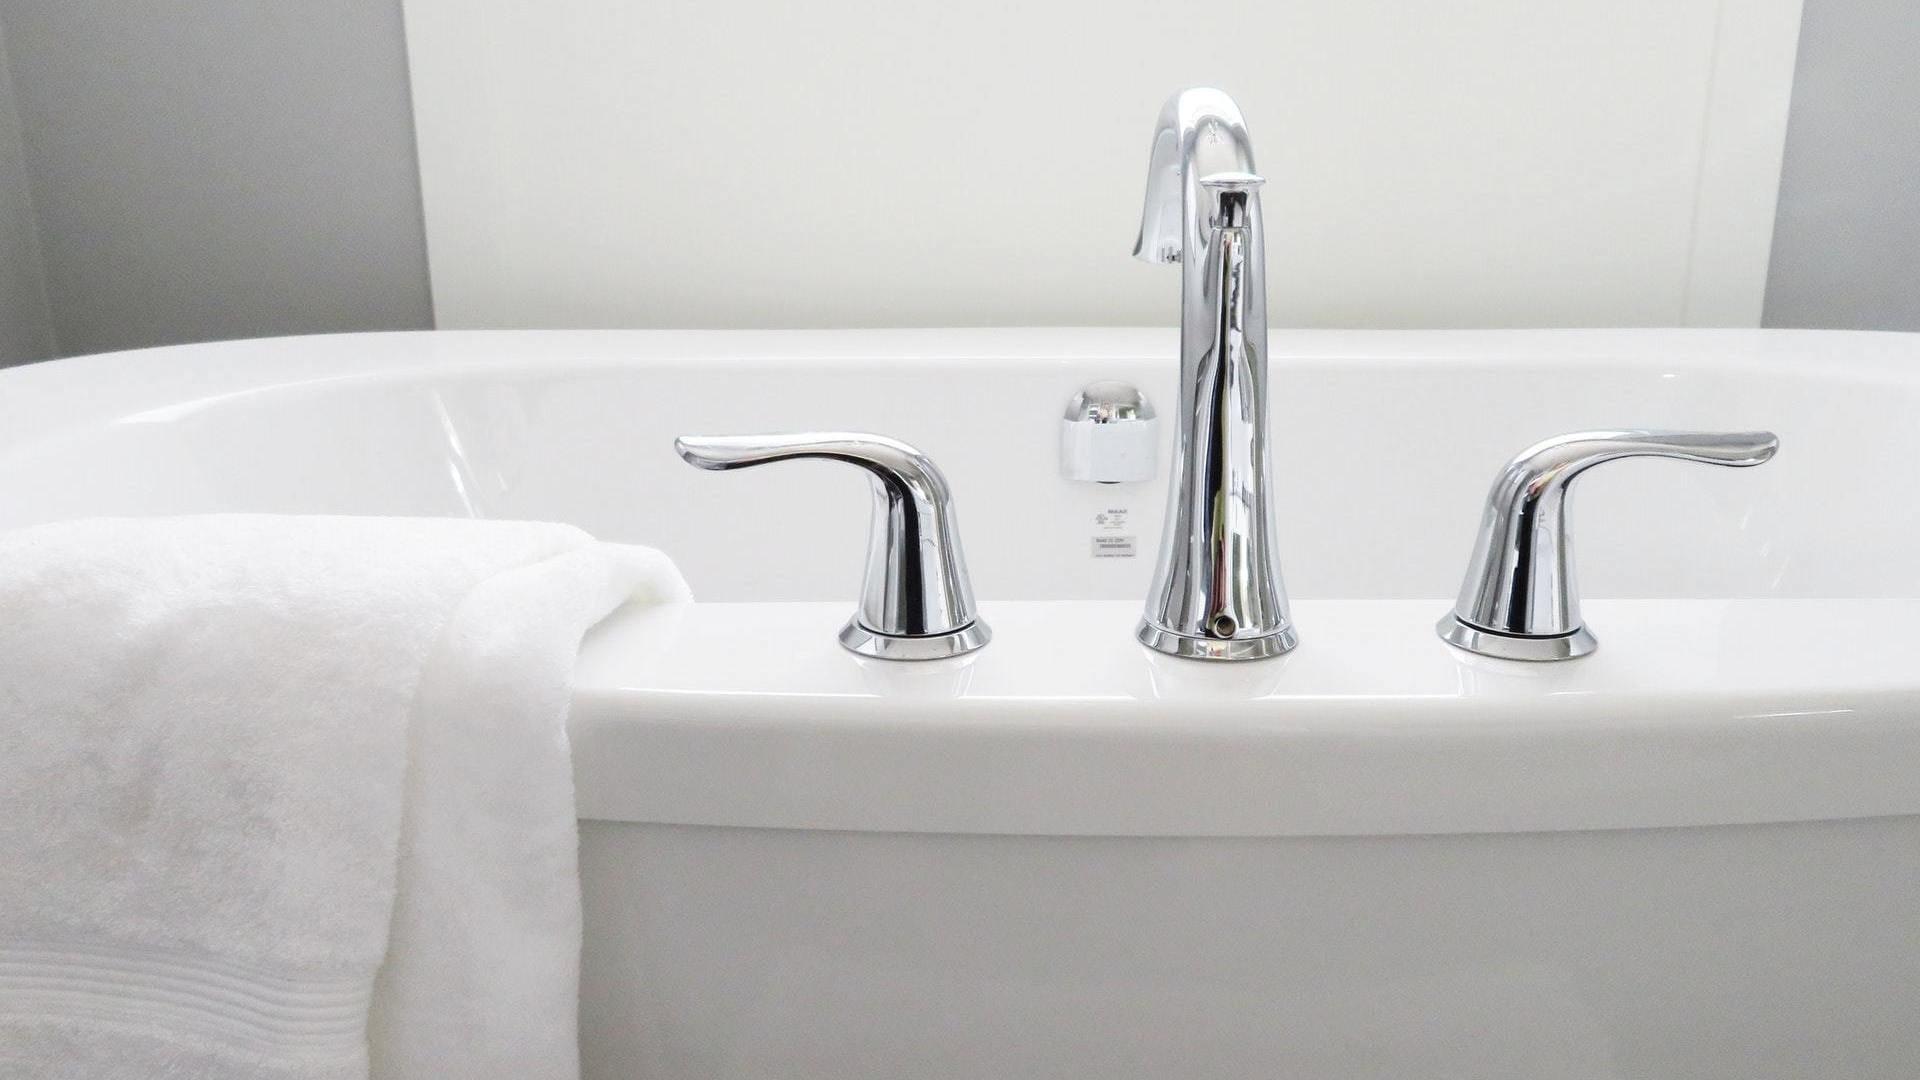 Rifacimento Vasche Da Bagno Brescia : I migliori 20 tecnici per sovrapposizione vasca da bagno a brescia